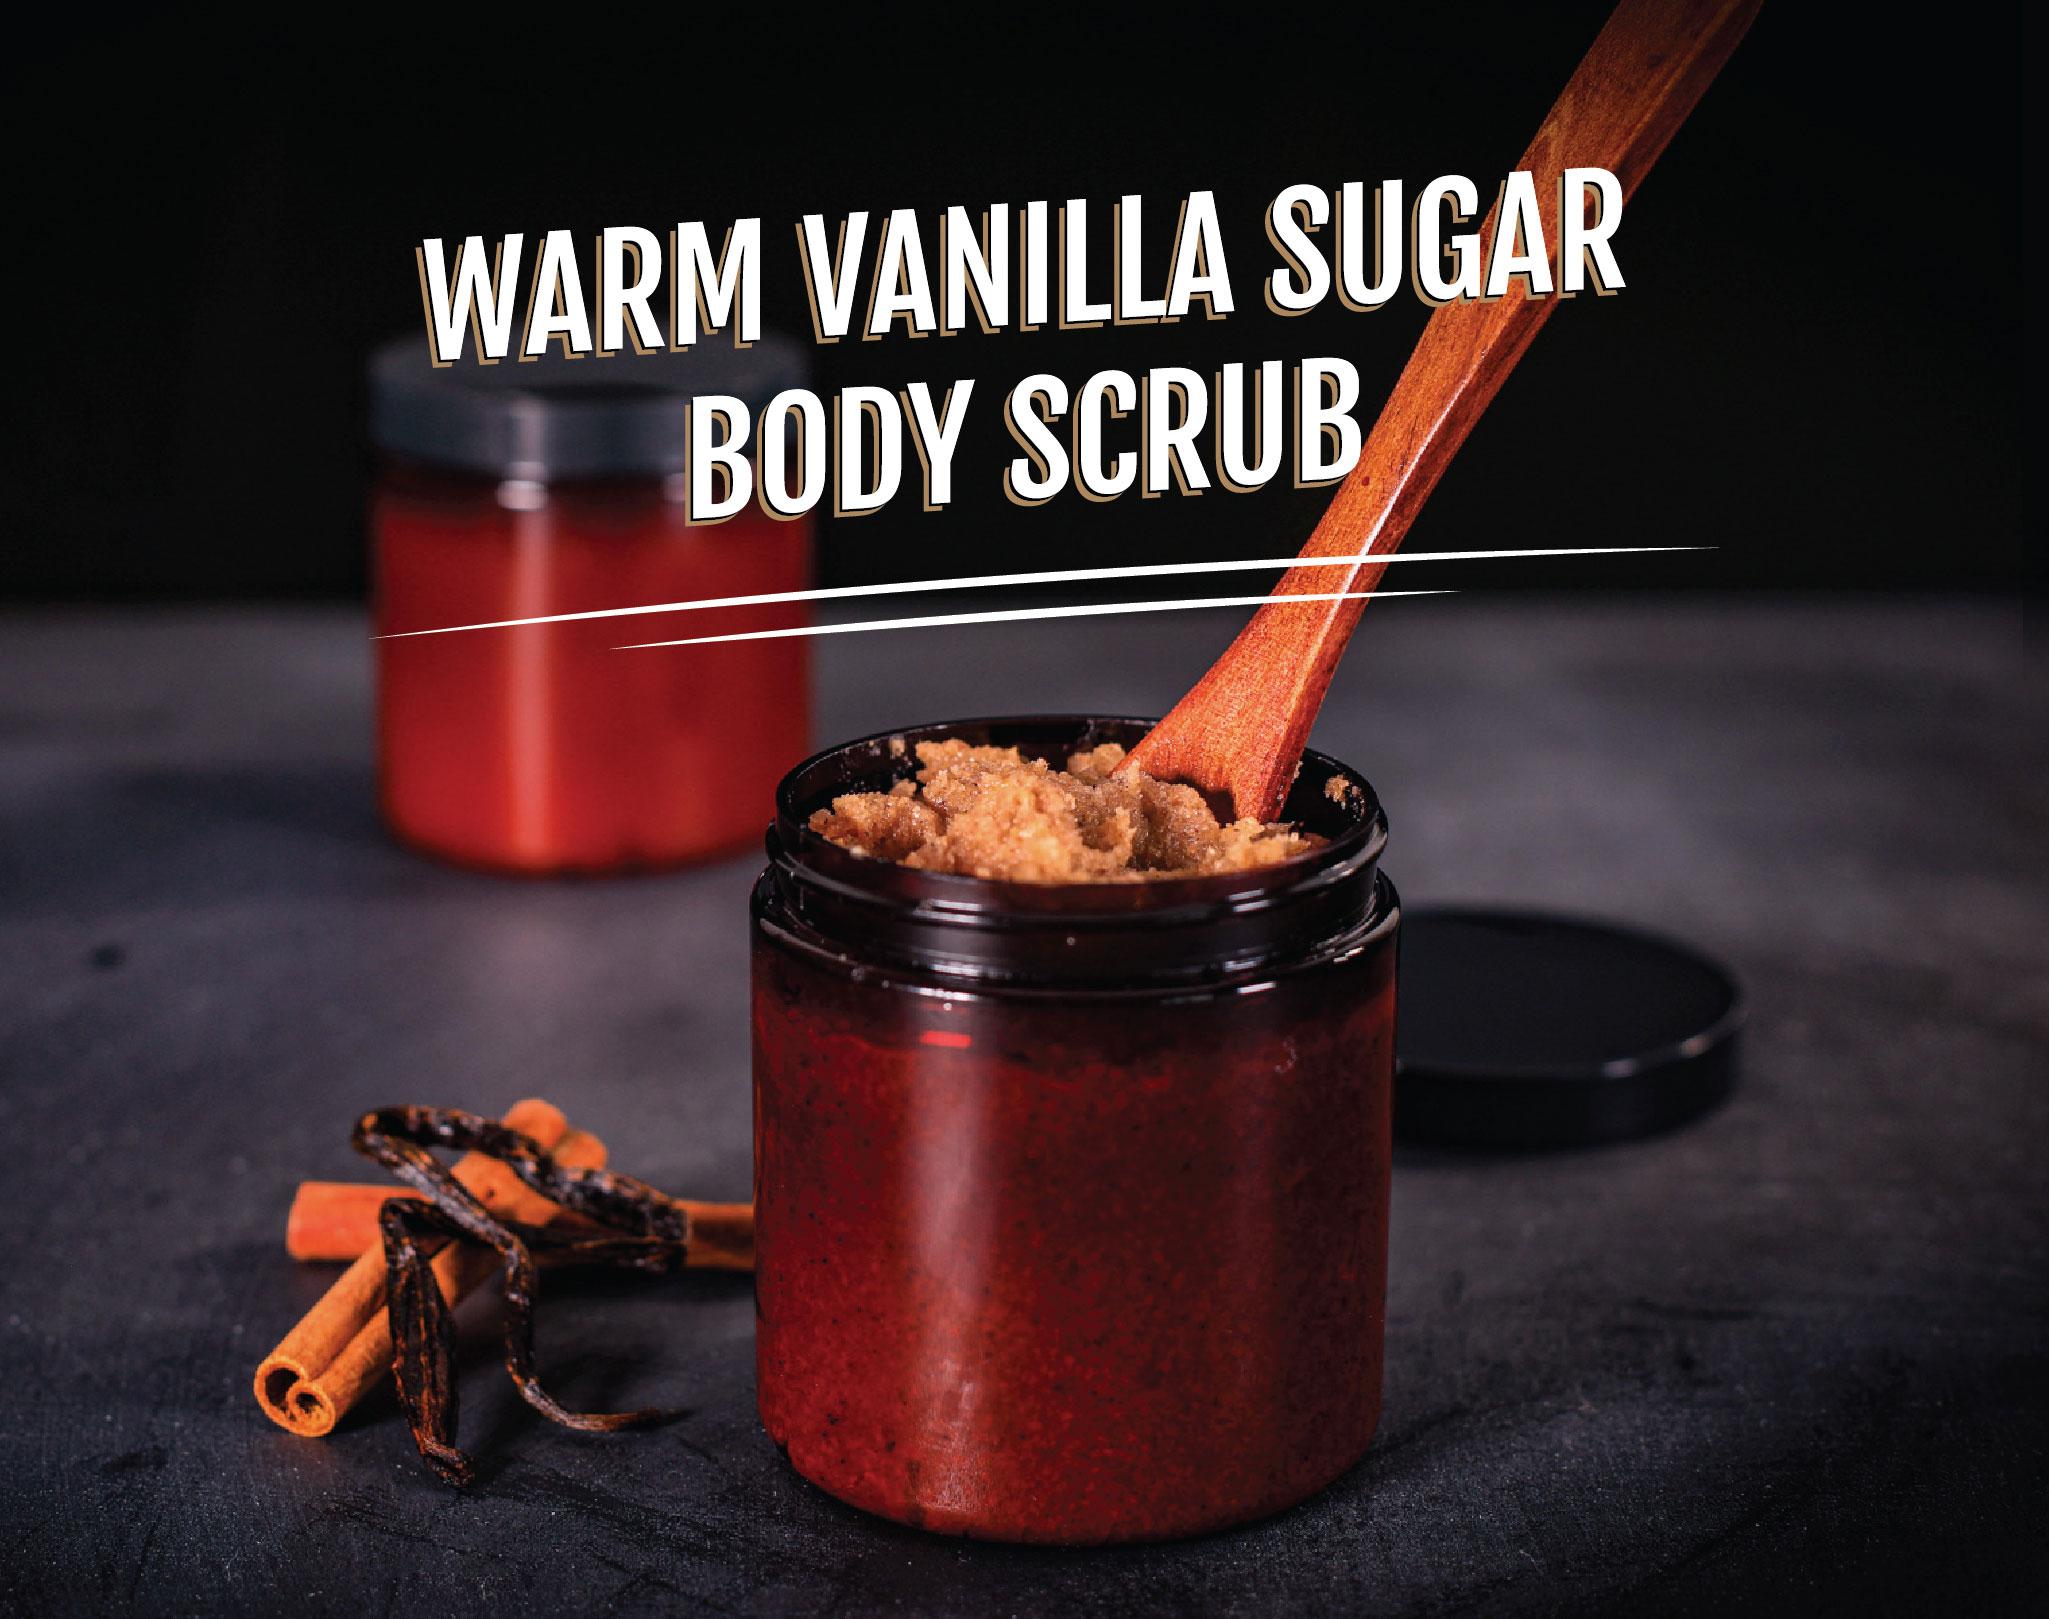 DIY Warm Vanilla Sugar Body Scrub - Essential Oil